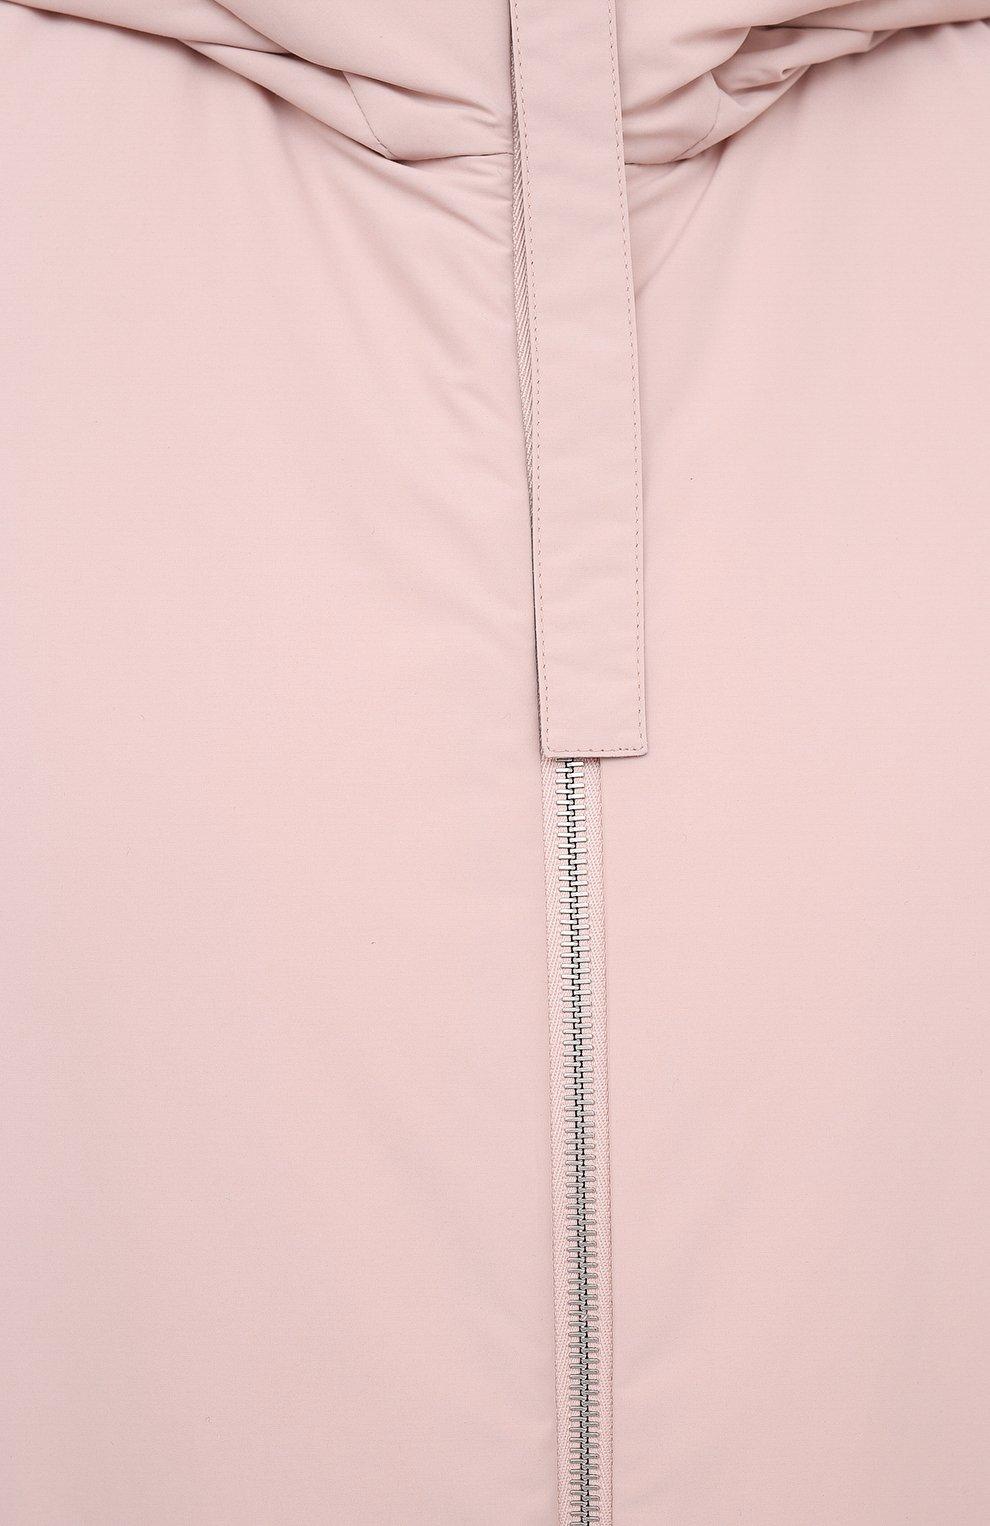 Женский пуховый жилет JIL SANDER розового цвета, арт. JPPR441194-WR440900 | Фото 5 (Материал внешний: Синтетический материал; Кросс-КТ: Пуховик; Материал подклада: Синтетический материал)